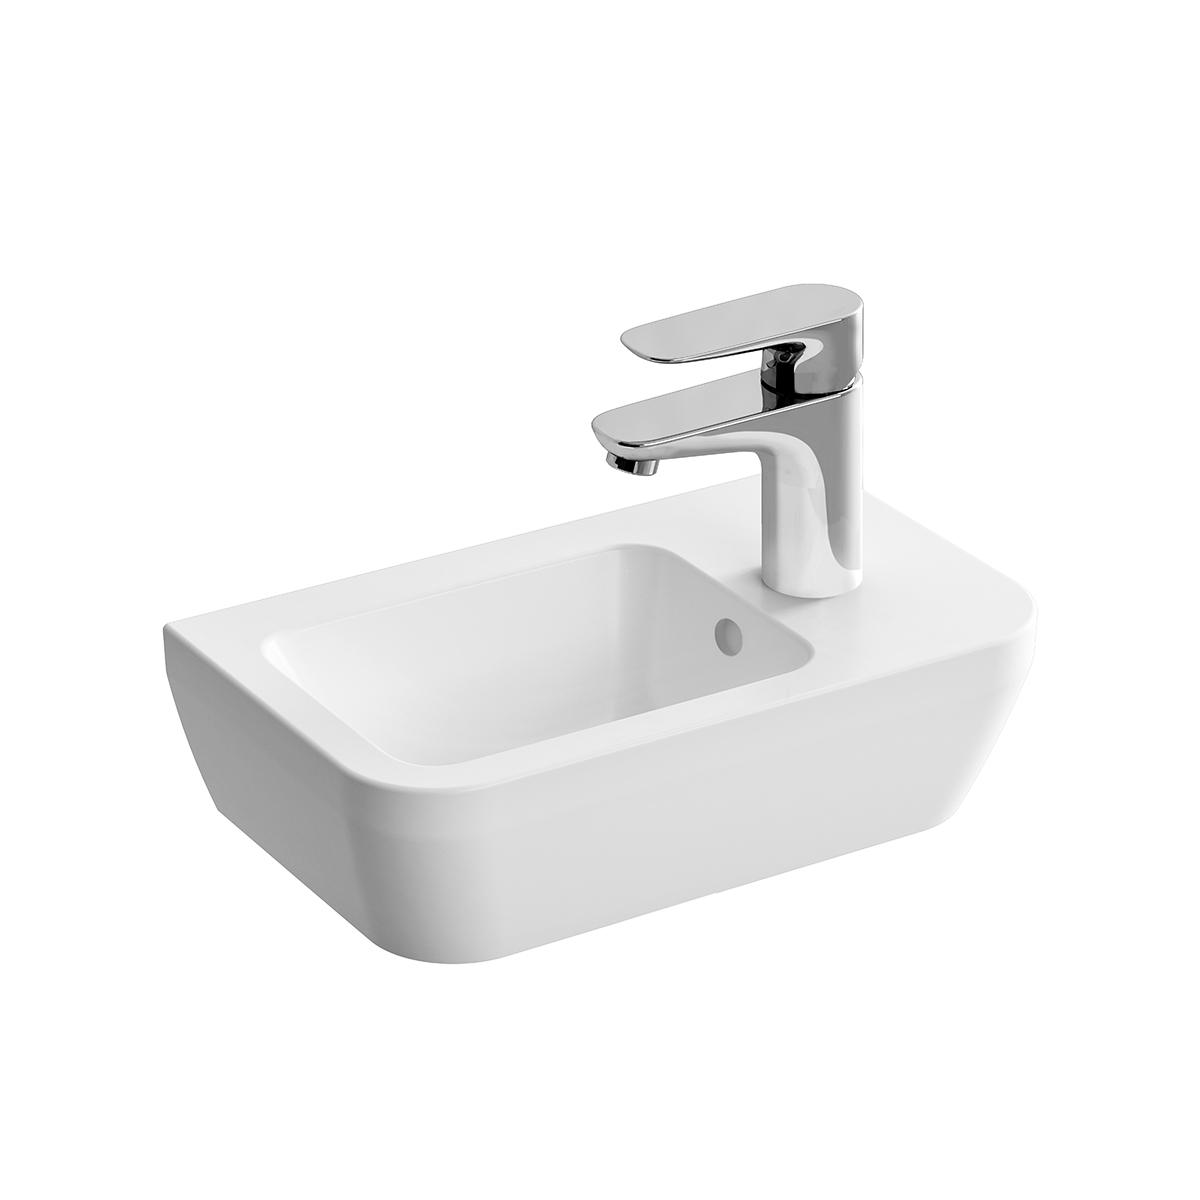 Integra lave-mains, trou de robinet à droite